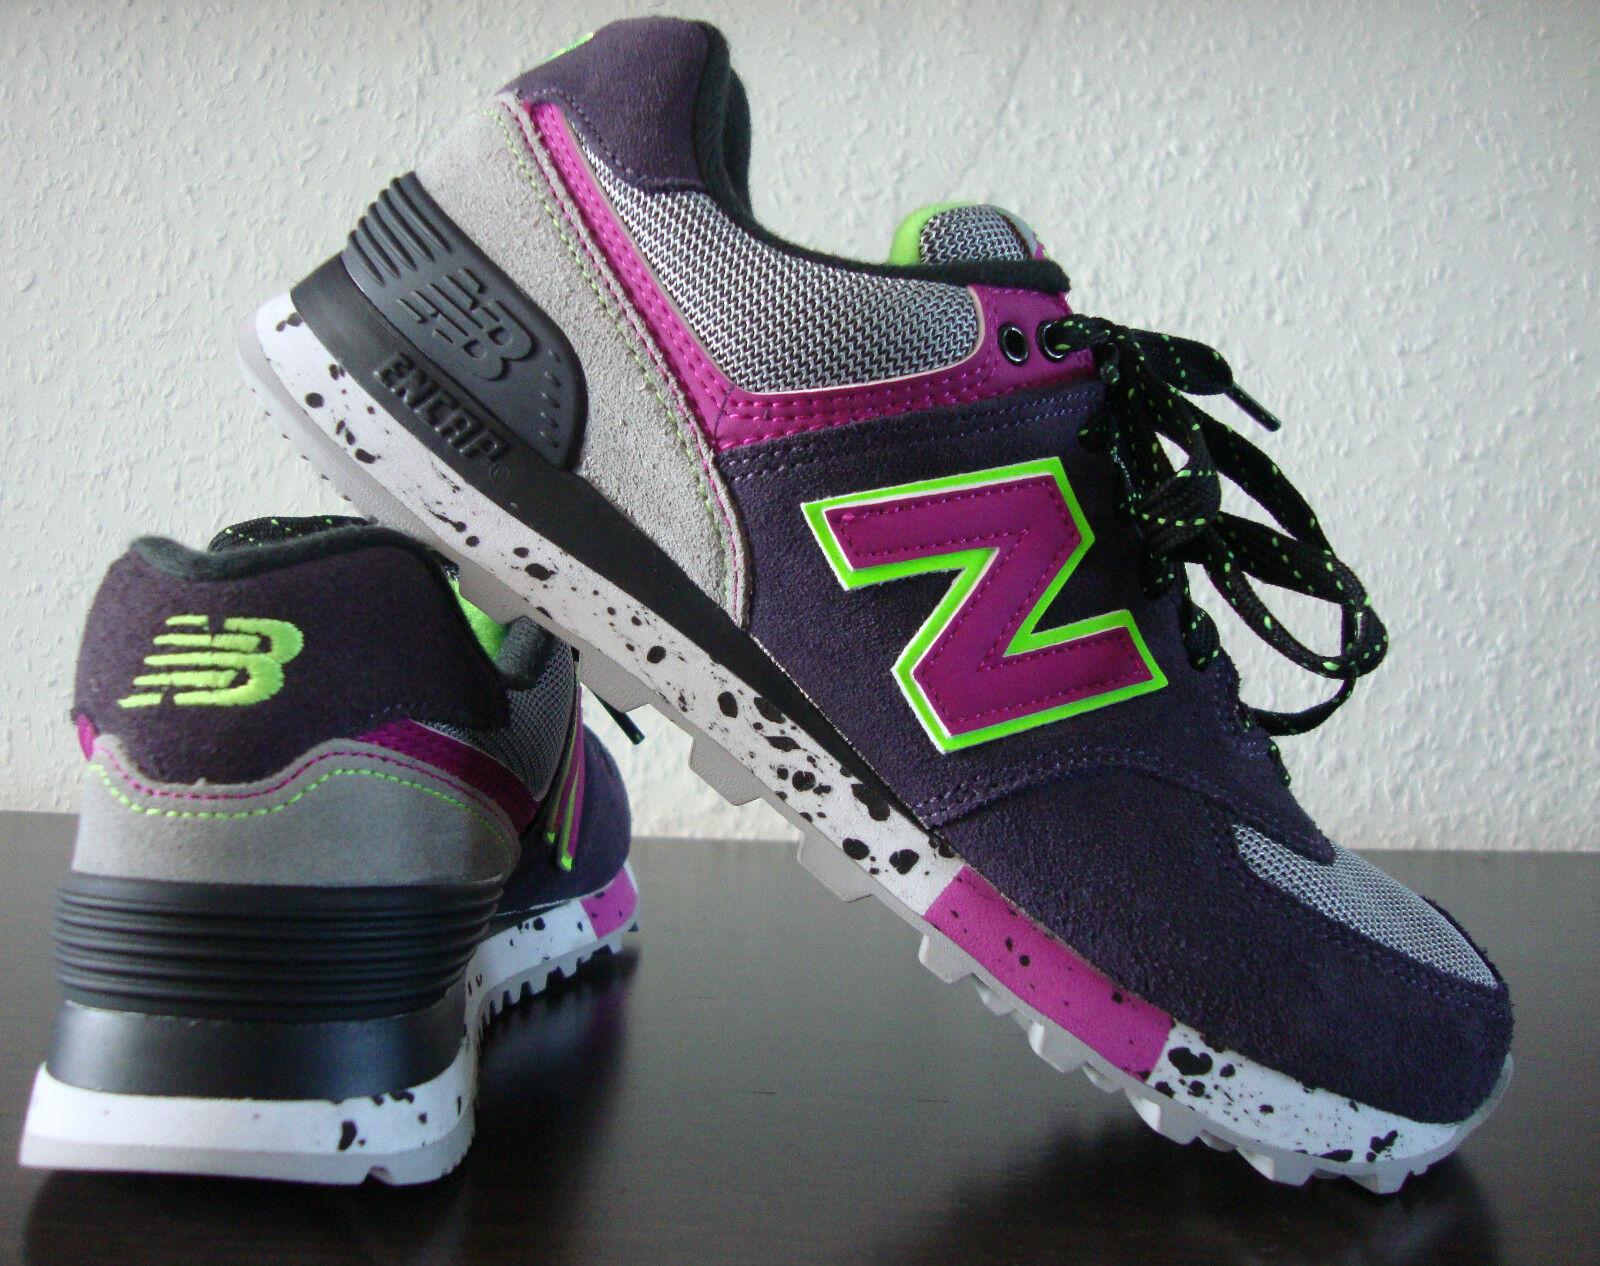 NUOVO Bilancio  W5740OPP Scarpe atletiche scarpe da ginnastica Trainers donna scarpe Dimensione 37 NUOVO  prezzi equi